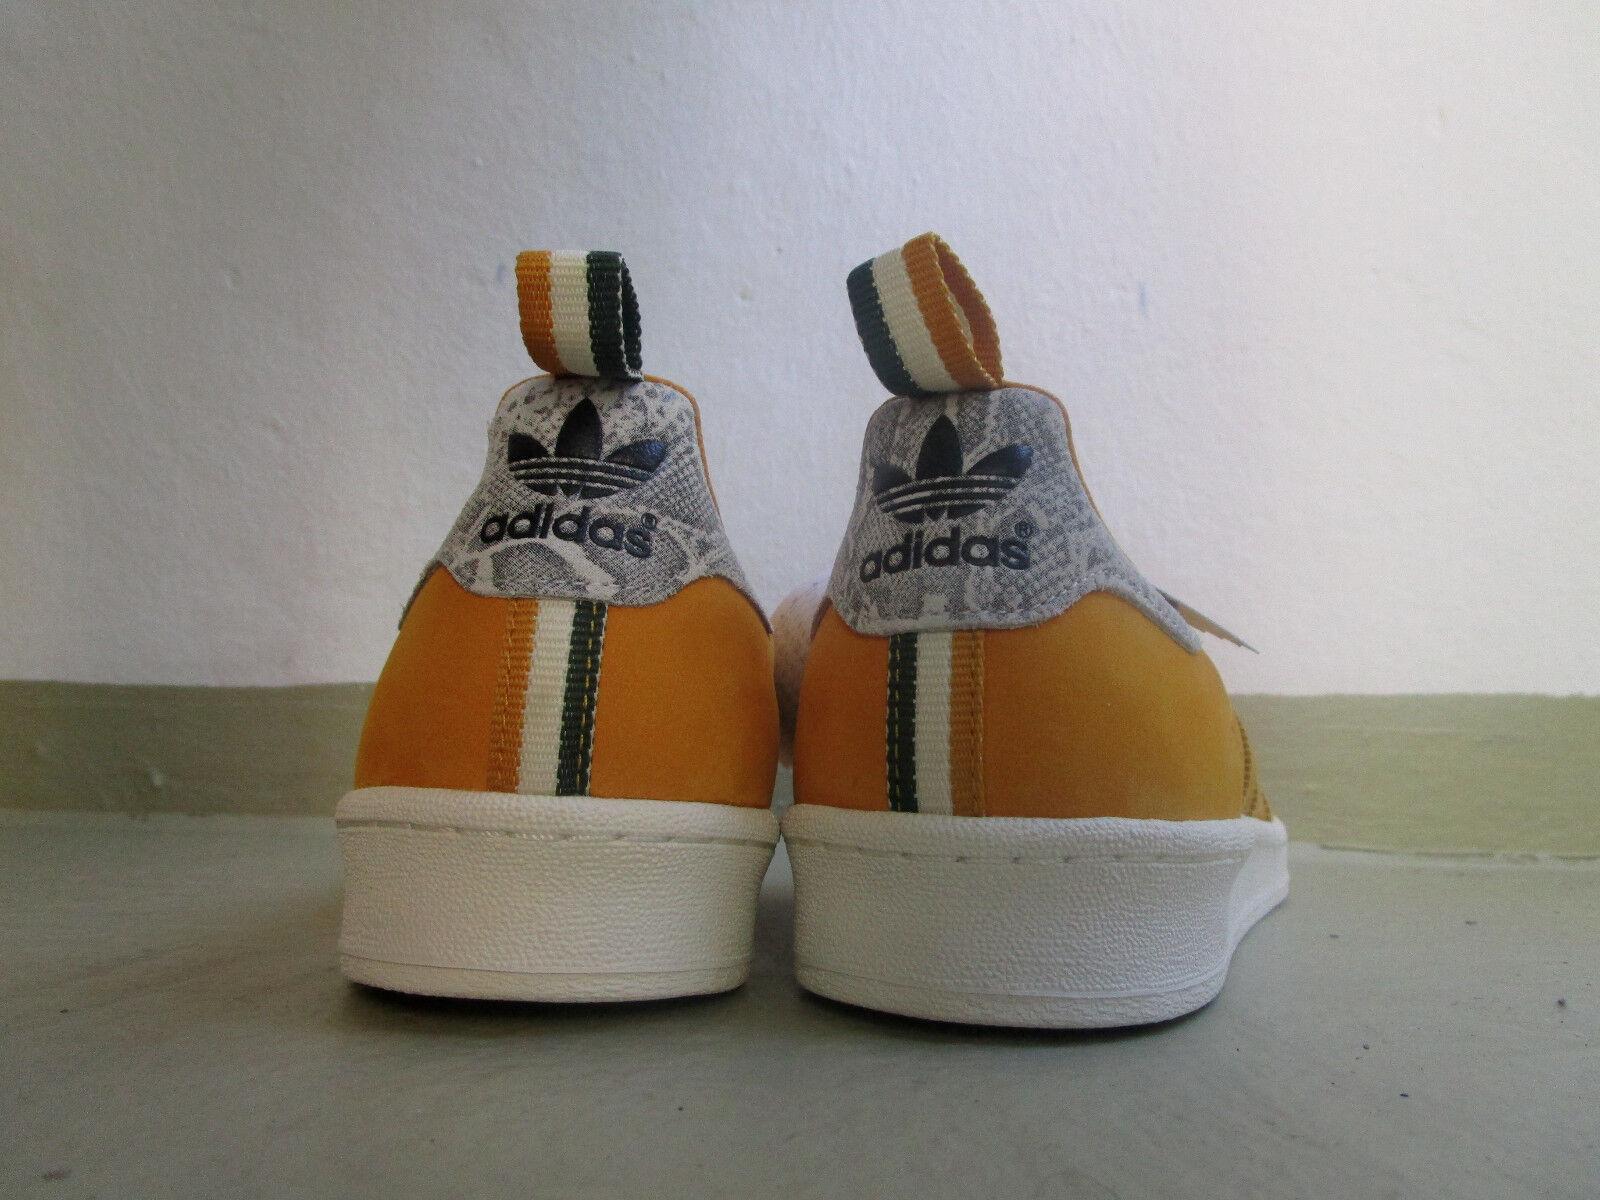 Adidas Campus Mustard/Weiß 80s 45 1/3 Originals Snakeskin Pack Mustard/Weiß Campus 81cf35